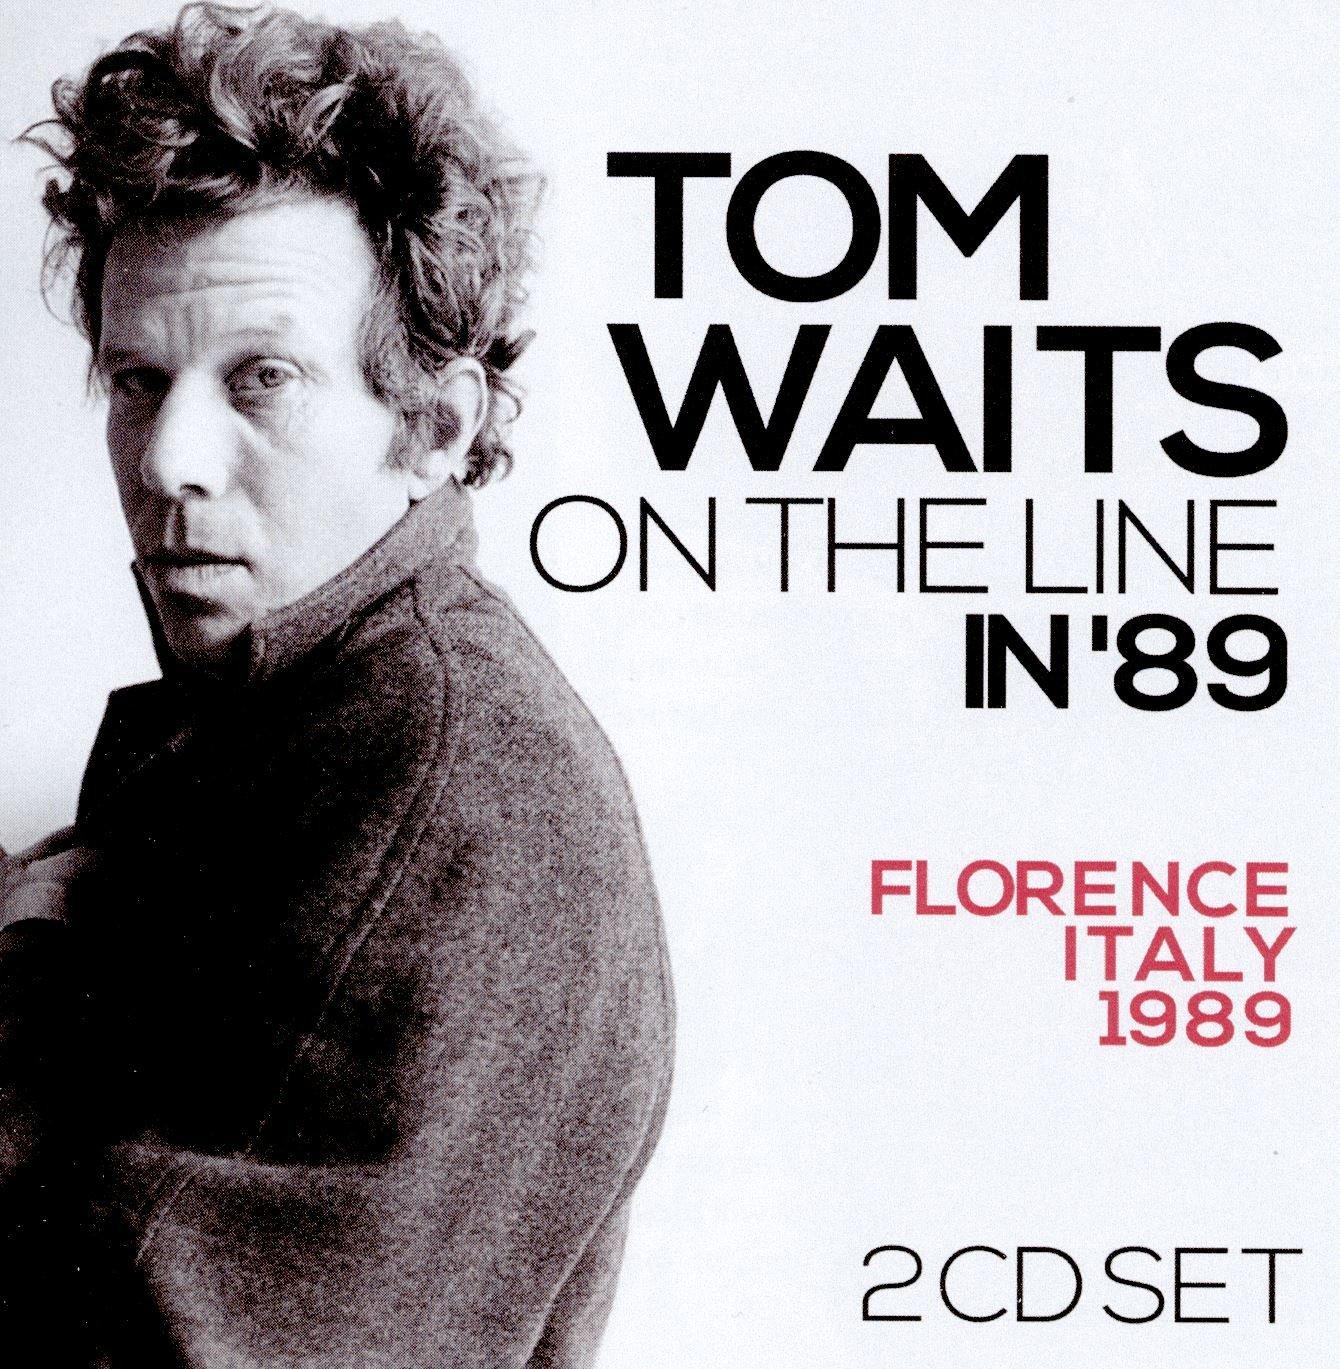 Tom Waits - On The Line